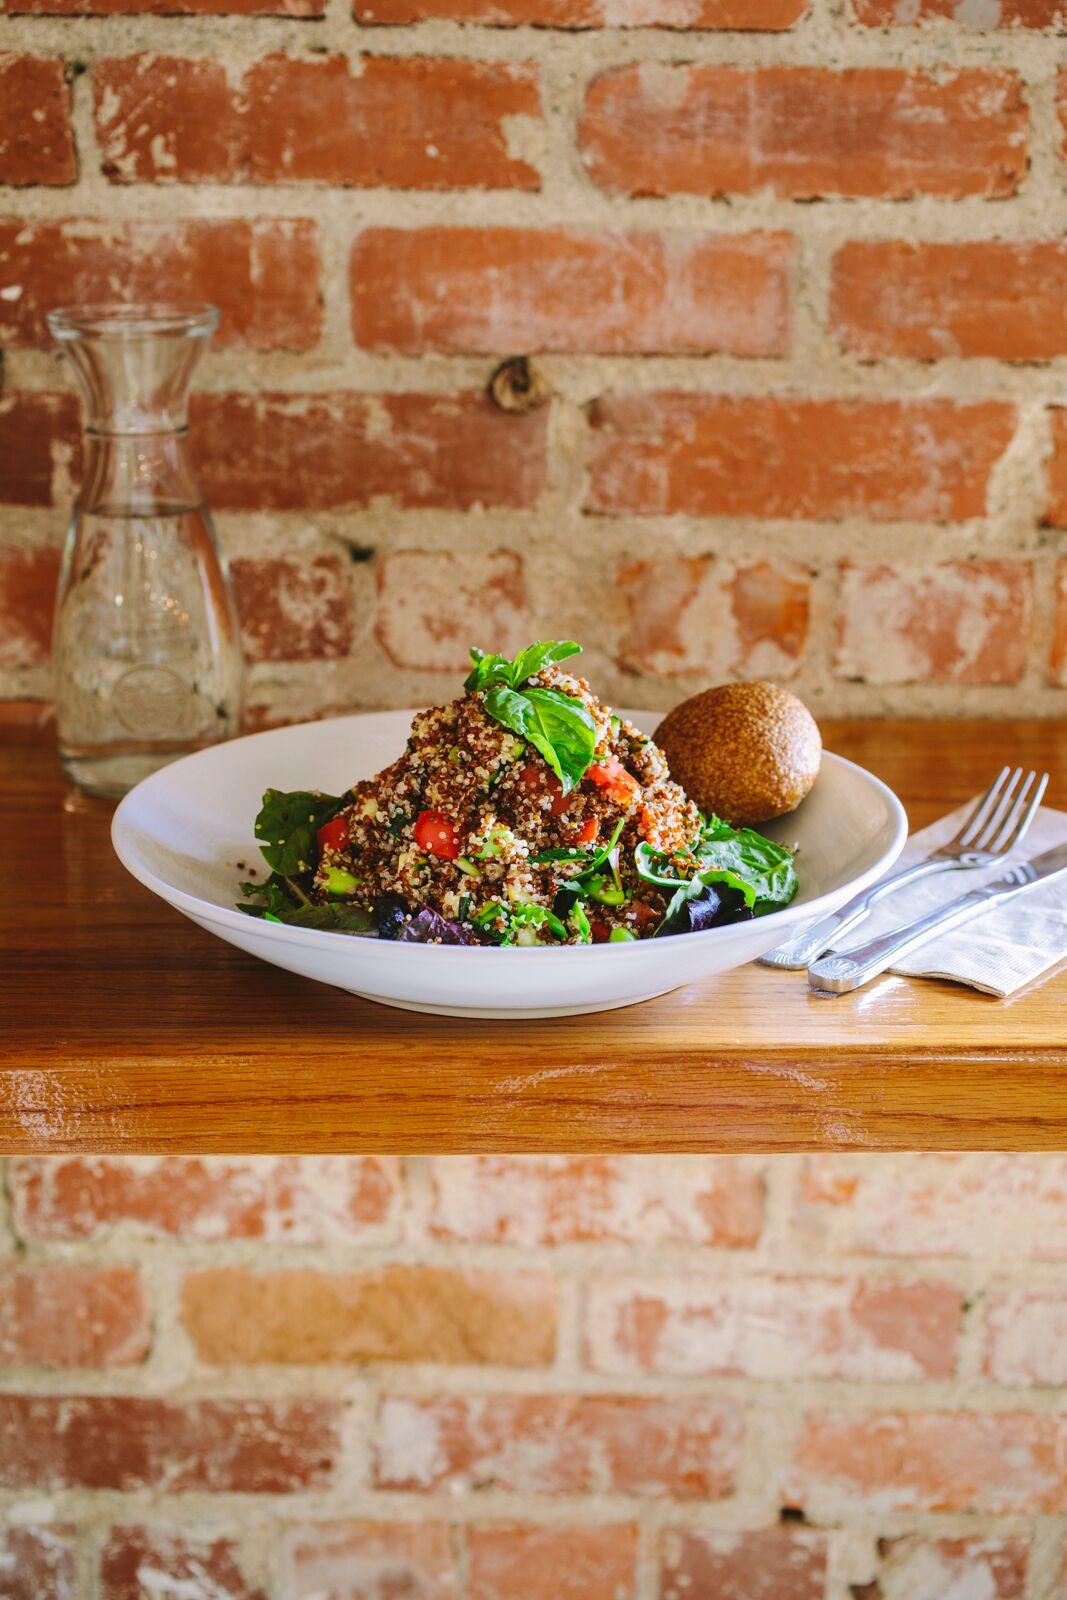 Larchmont-Bungalow-Cafe-quinoa.jpg